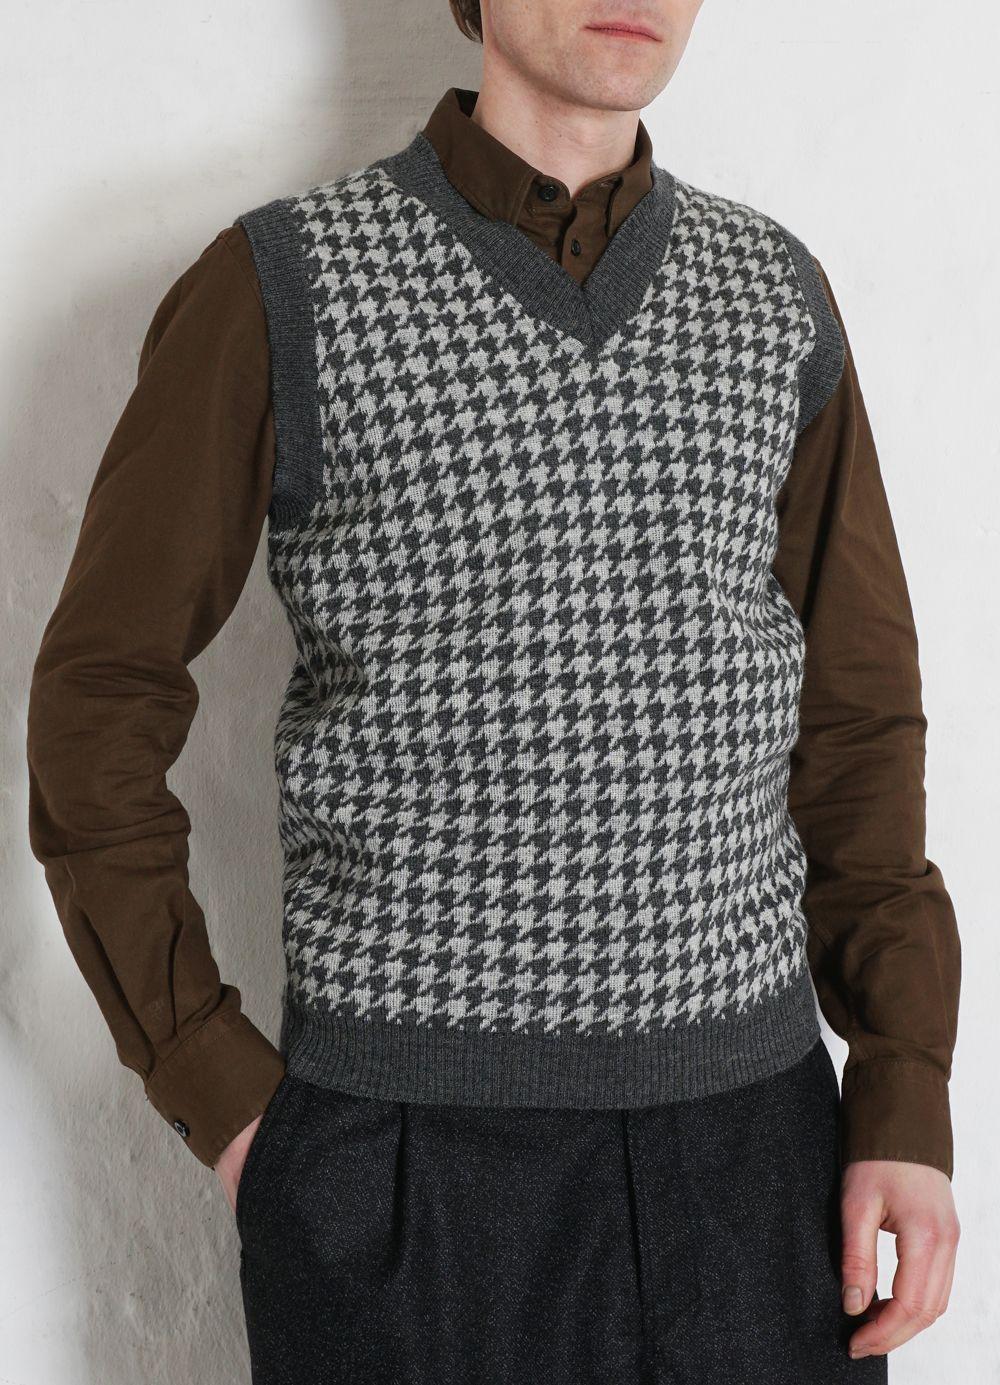 Hansen Garments TIM   Hounds Tooth Vest   grey hound